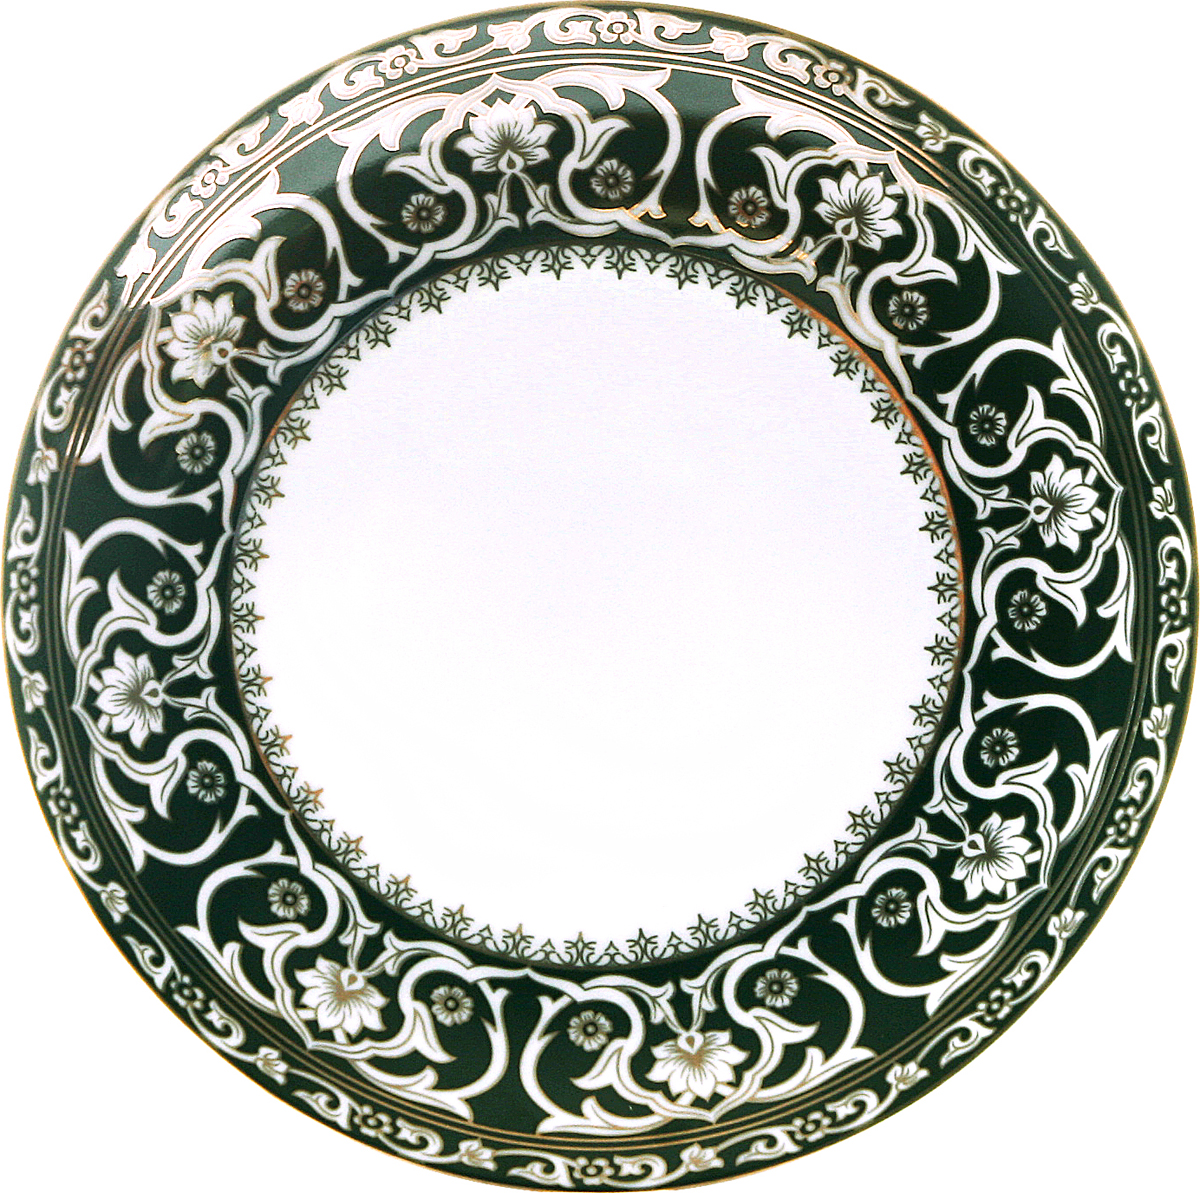 Блюдо МФК-профит Восточные узоры, диаметр 27 см щетка для посуды мфк профит цветы цвет розовый 17 5 x 7 x 5 см